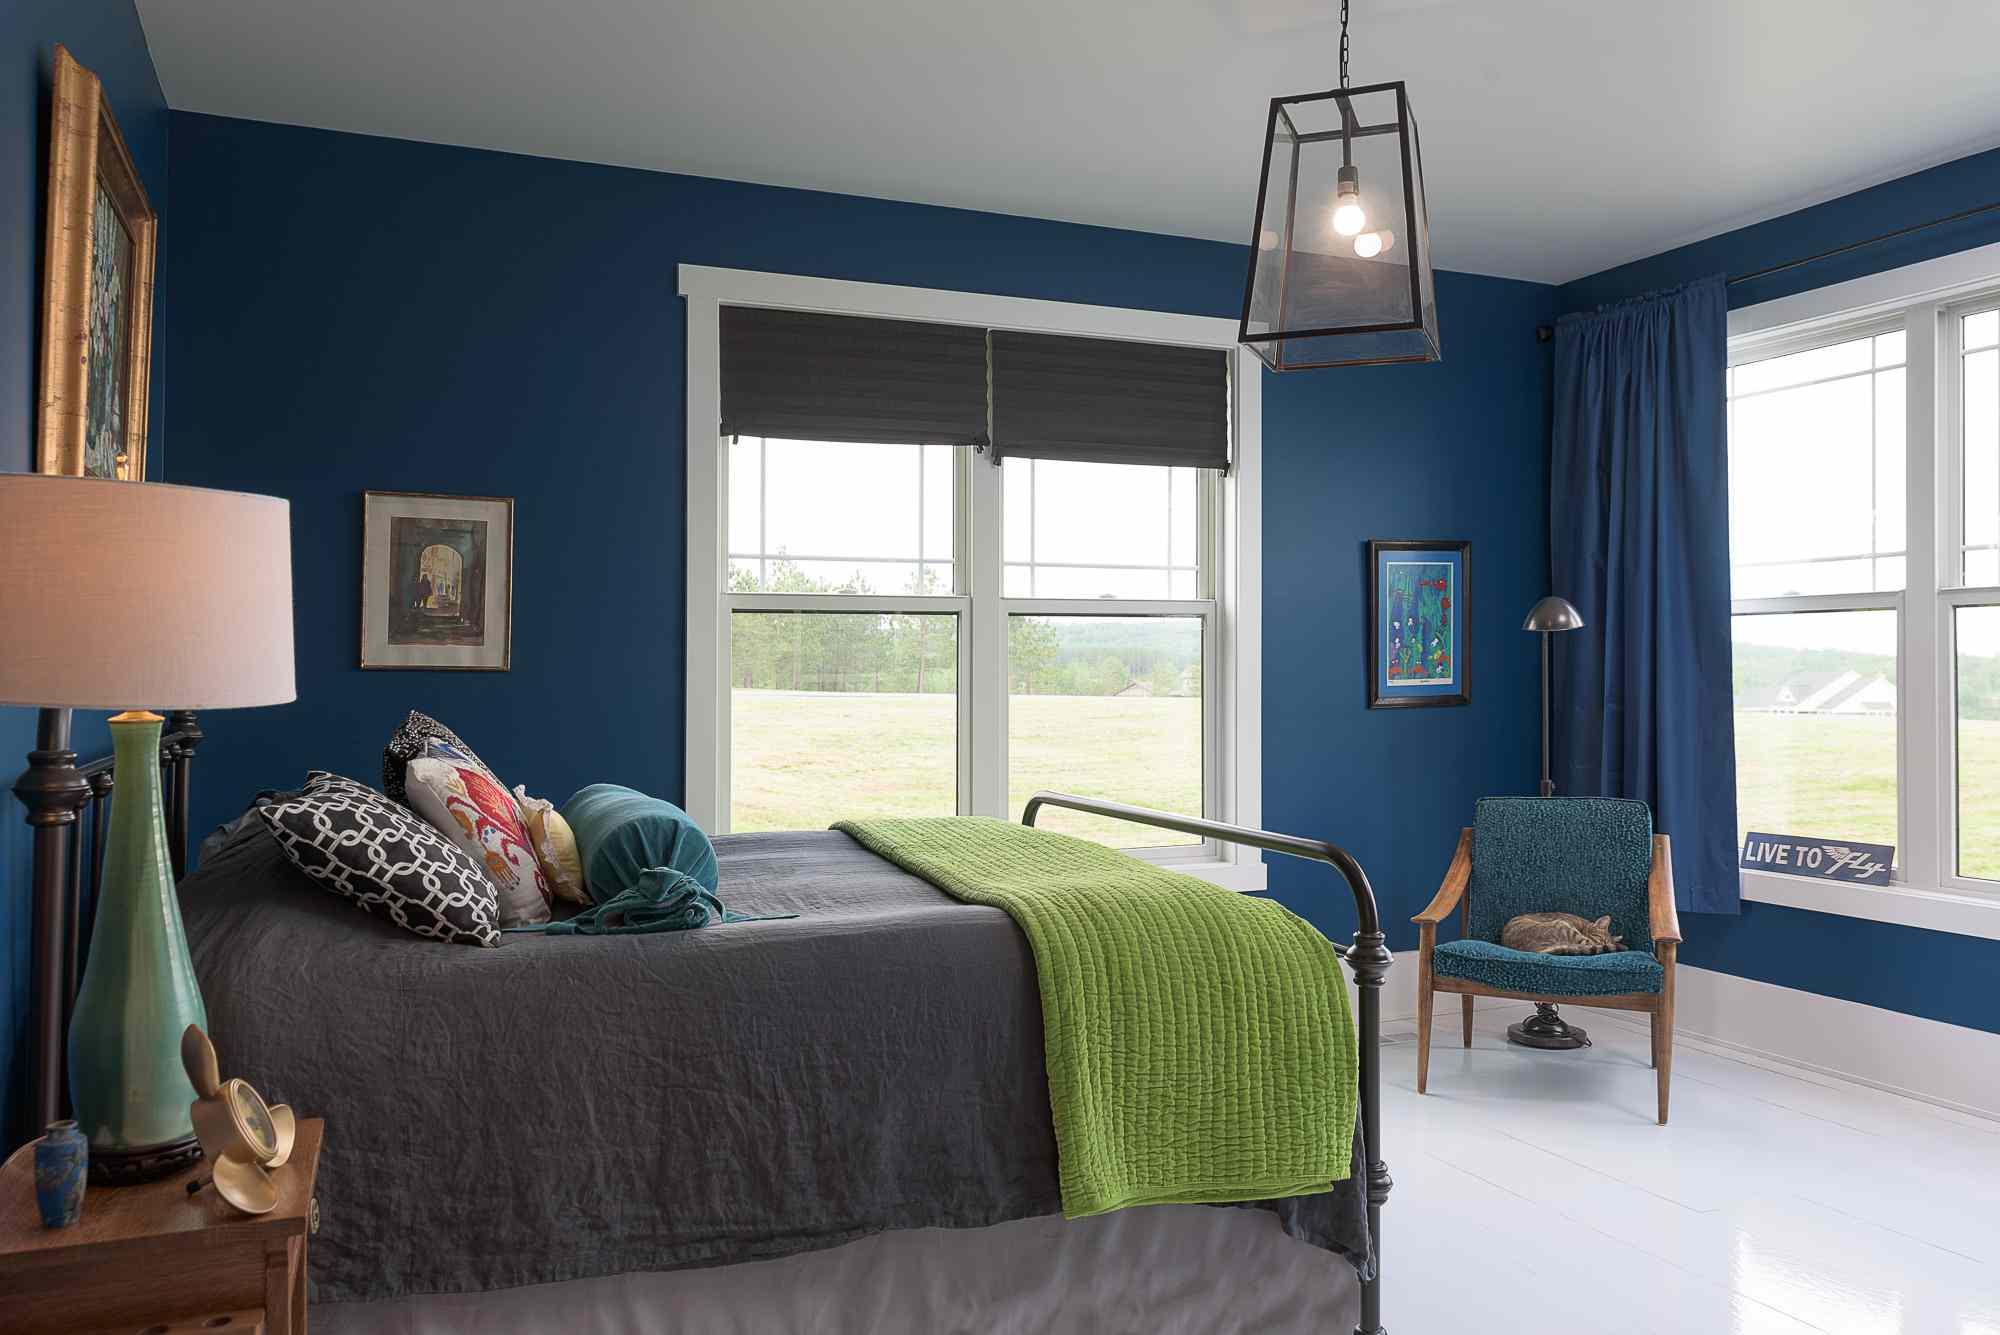 Blue bedroom with oversize light fixtures